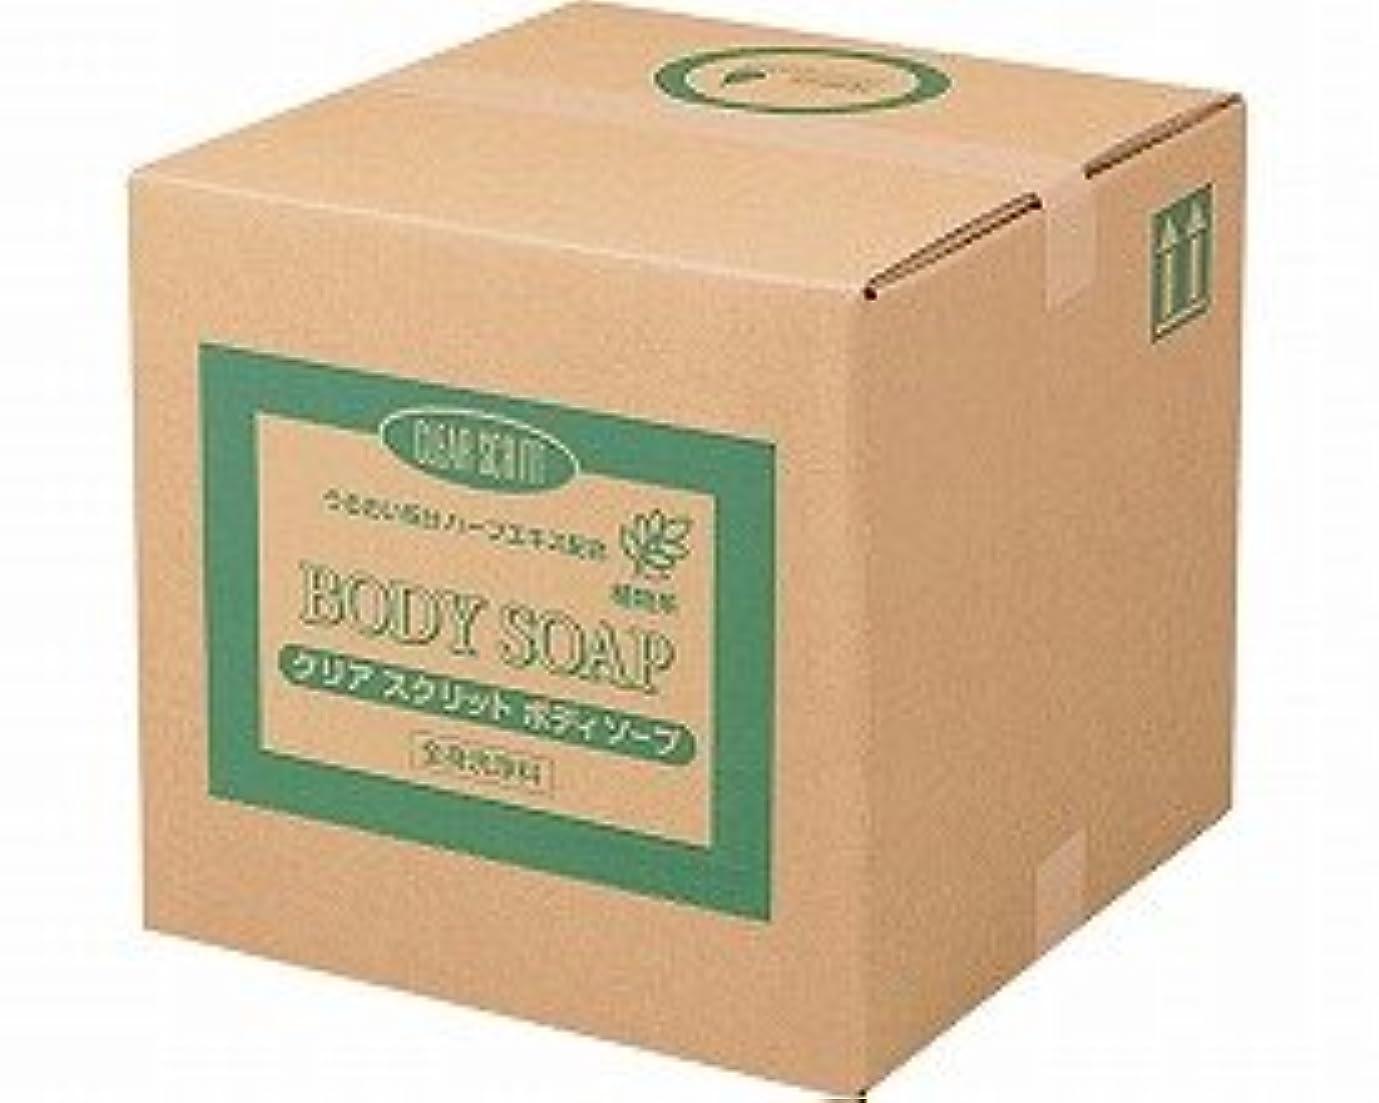 始める蓋追記CLEAR SCRITT(クリアスクリット) ボディソープ 18L コック付 4355 (熊野油脂) (清拭小物)